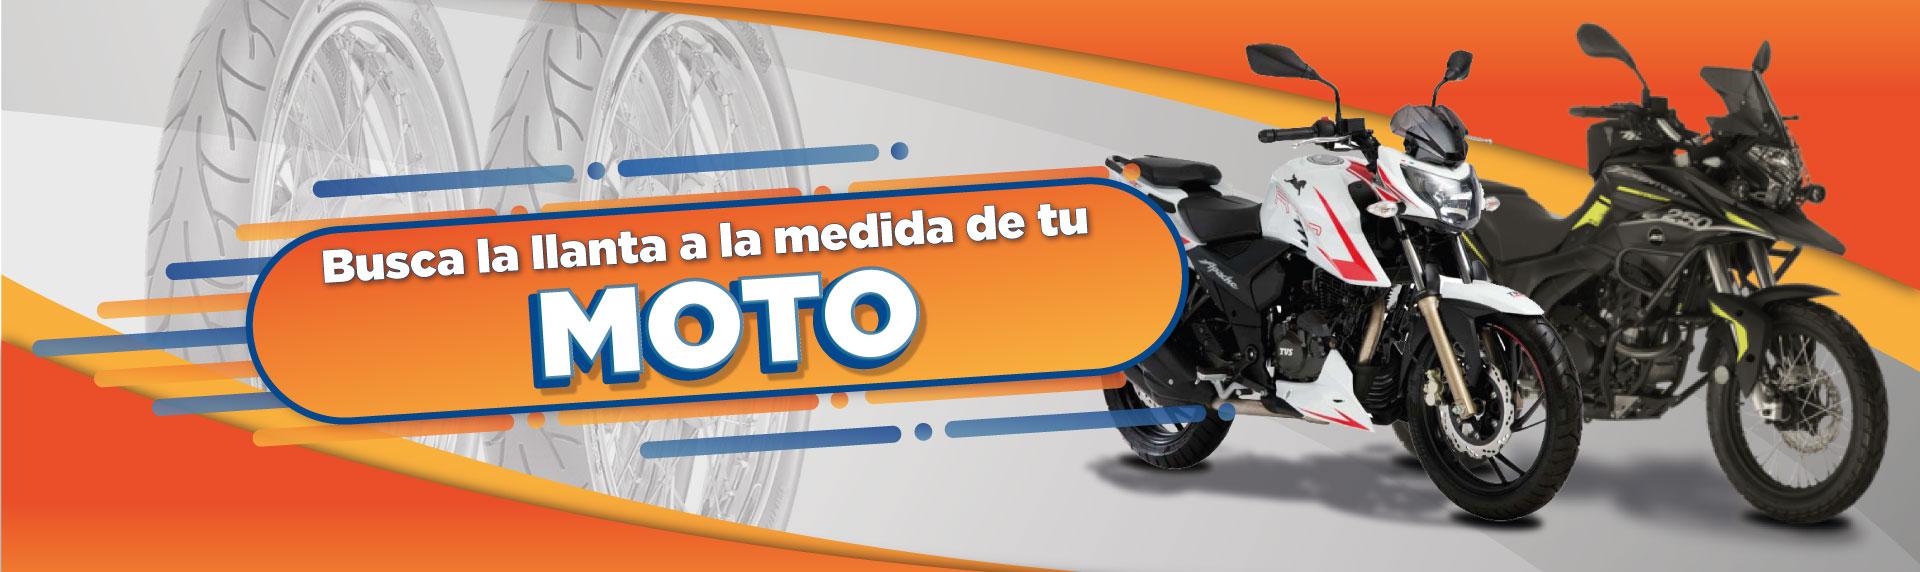 llantas moto